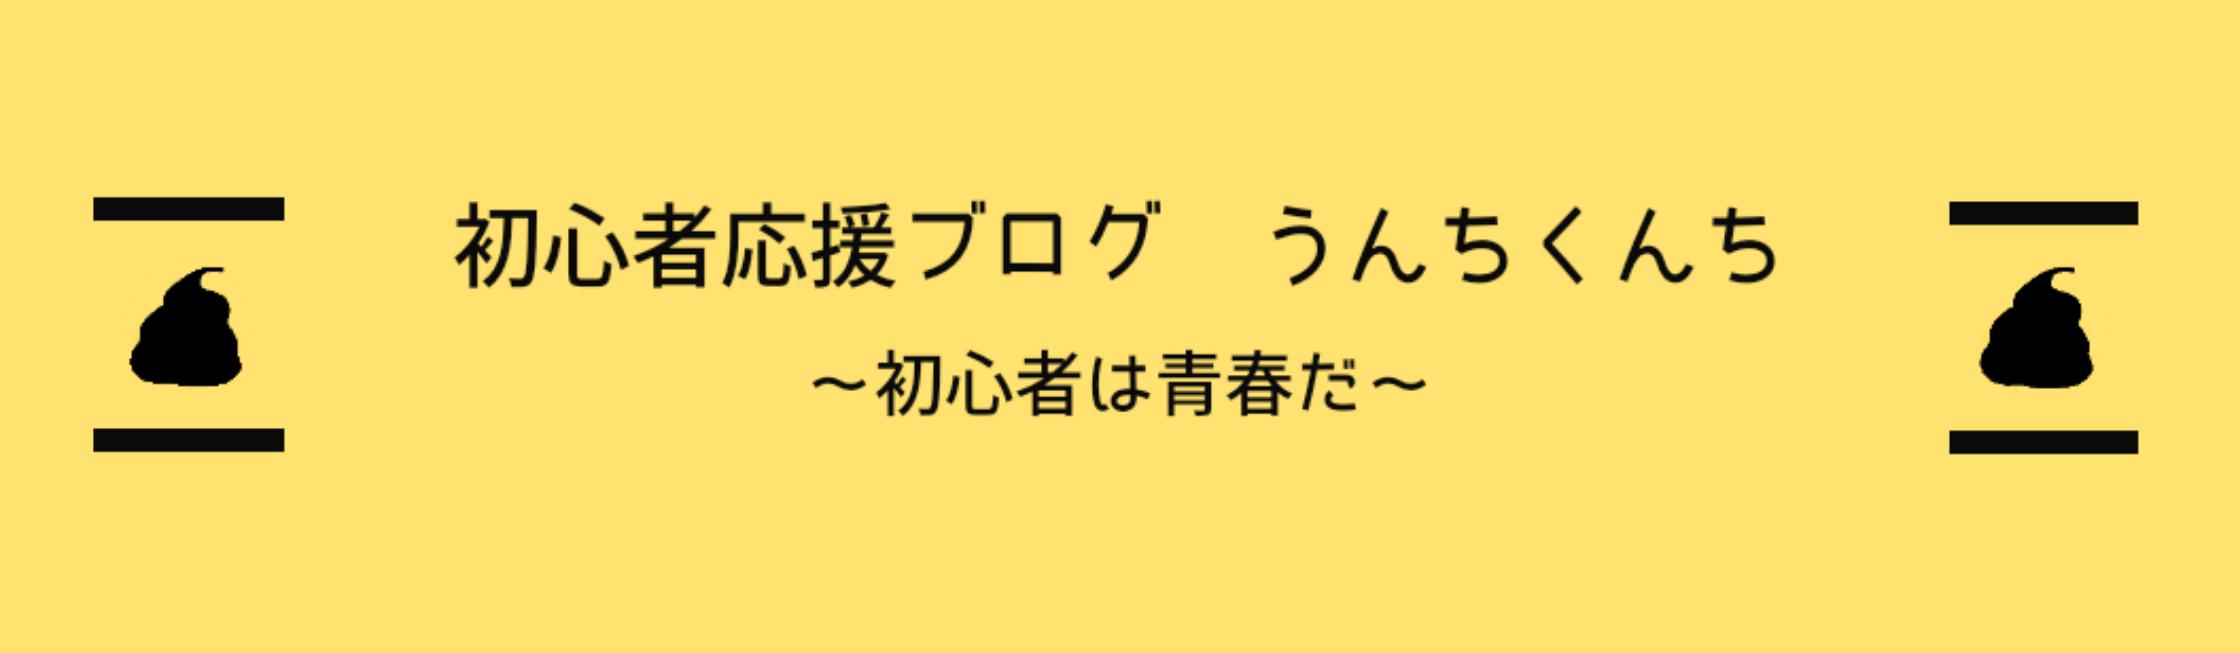 初心者応援ブログ うんちくんち